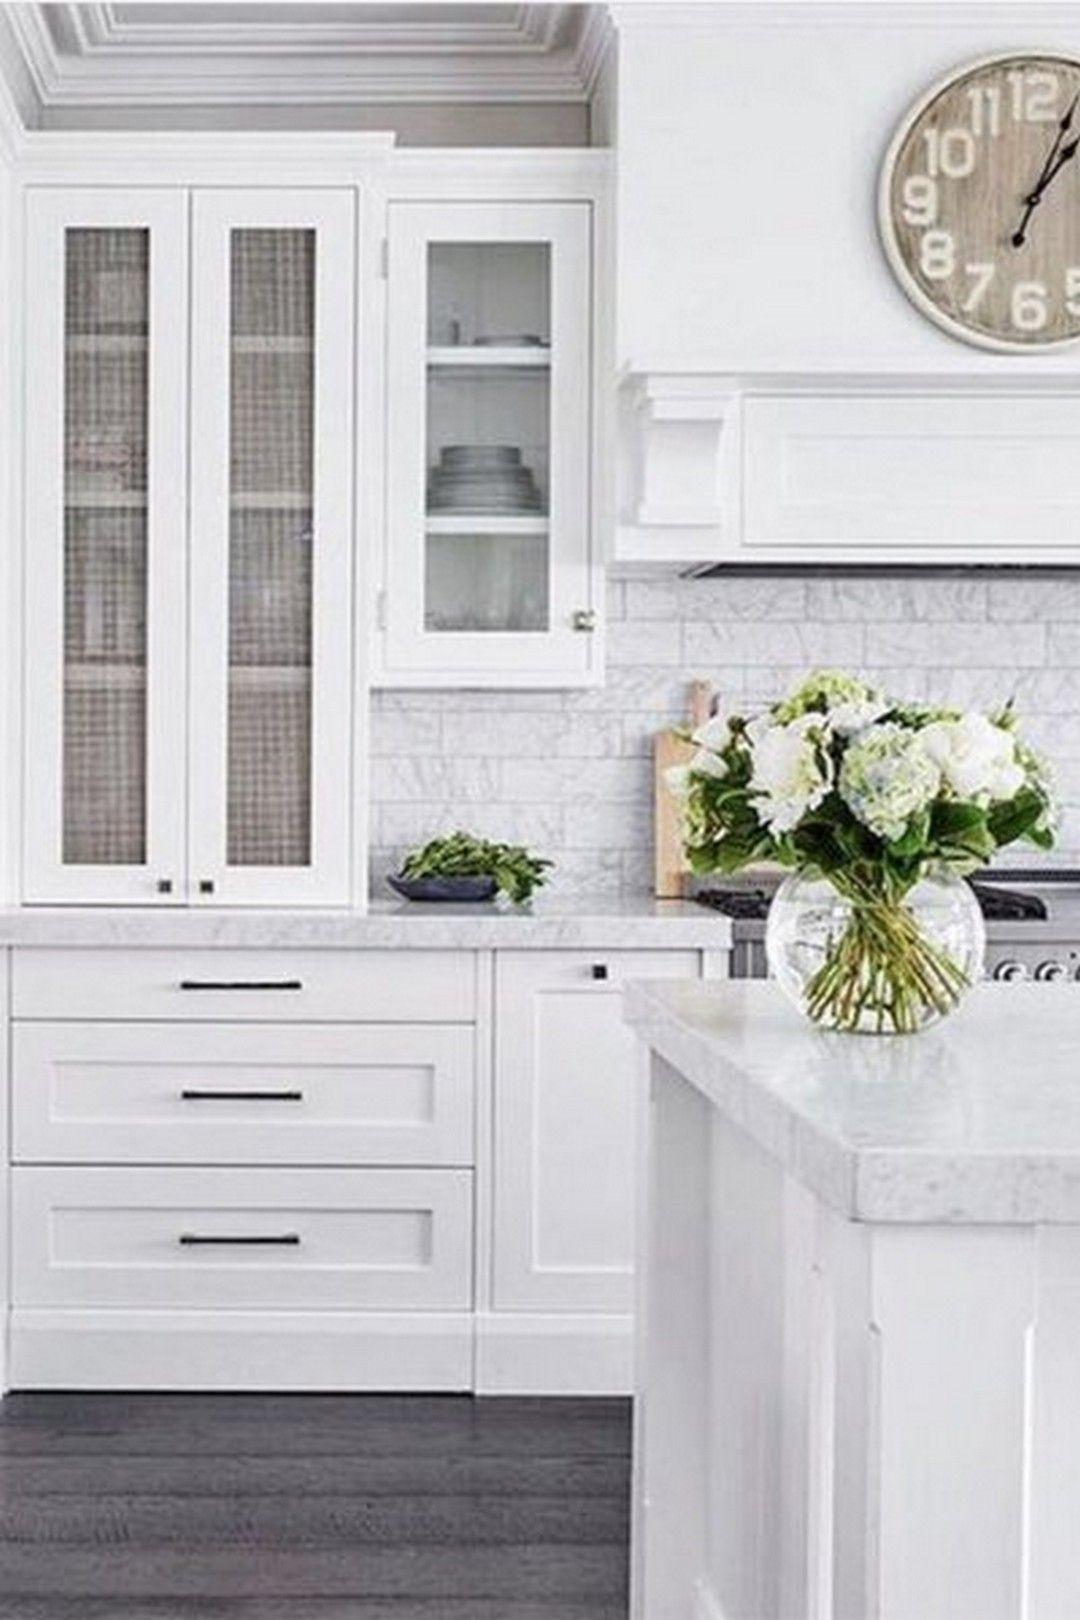 Best Amazing Kitchen Decorating Ideas On A Budget Kitchen 400 x 300